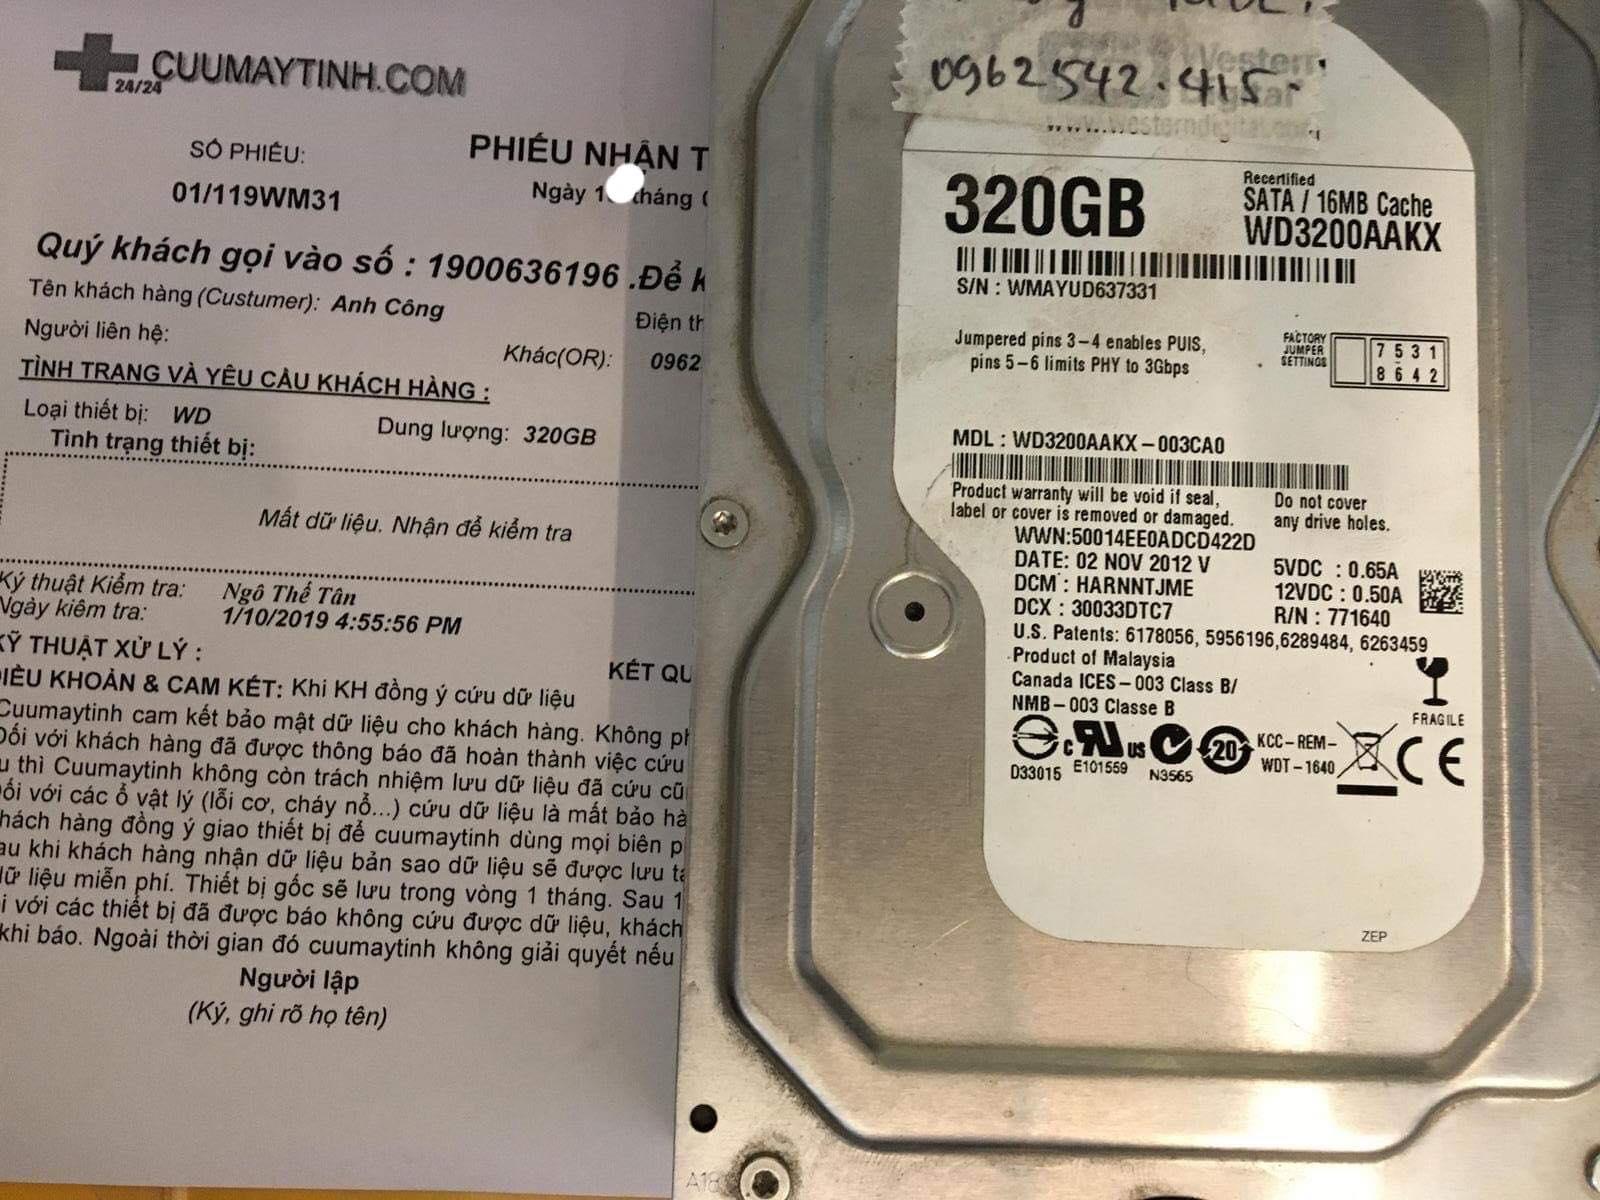 Phục hồi dữ liệu ổ cứng Western 320GB cài win mất dữ liệu 07/01/2019 - cuumaytinh